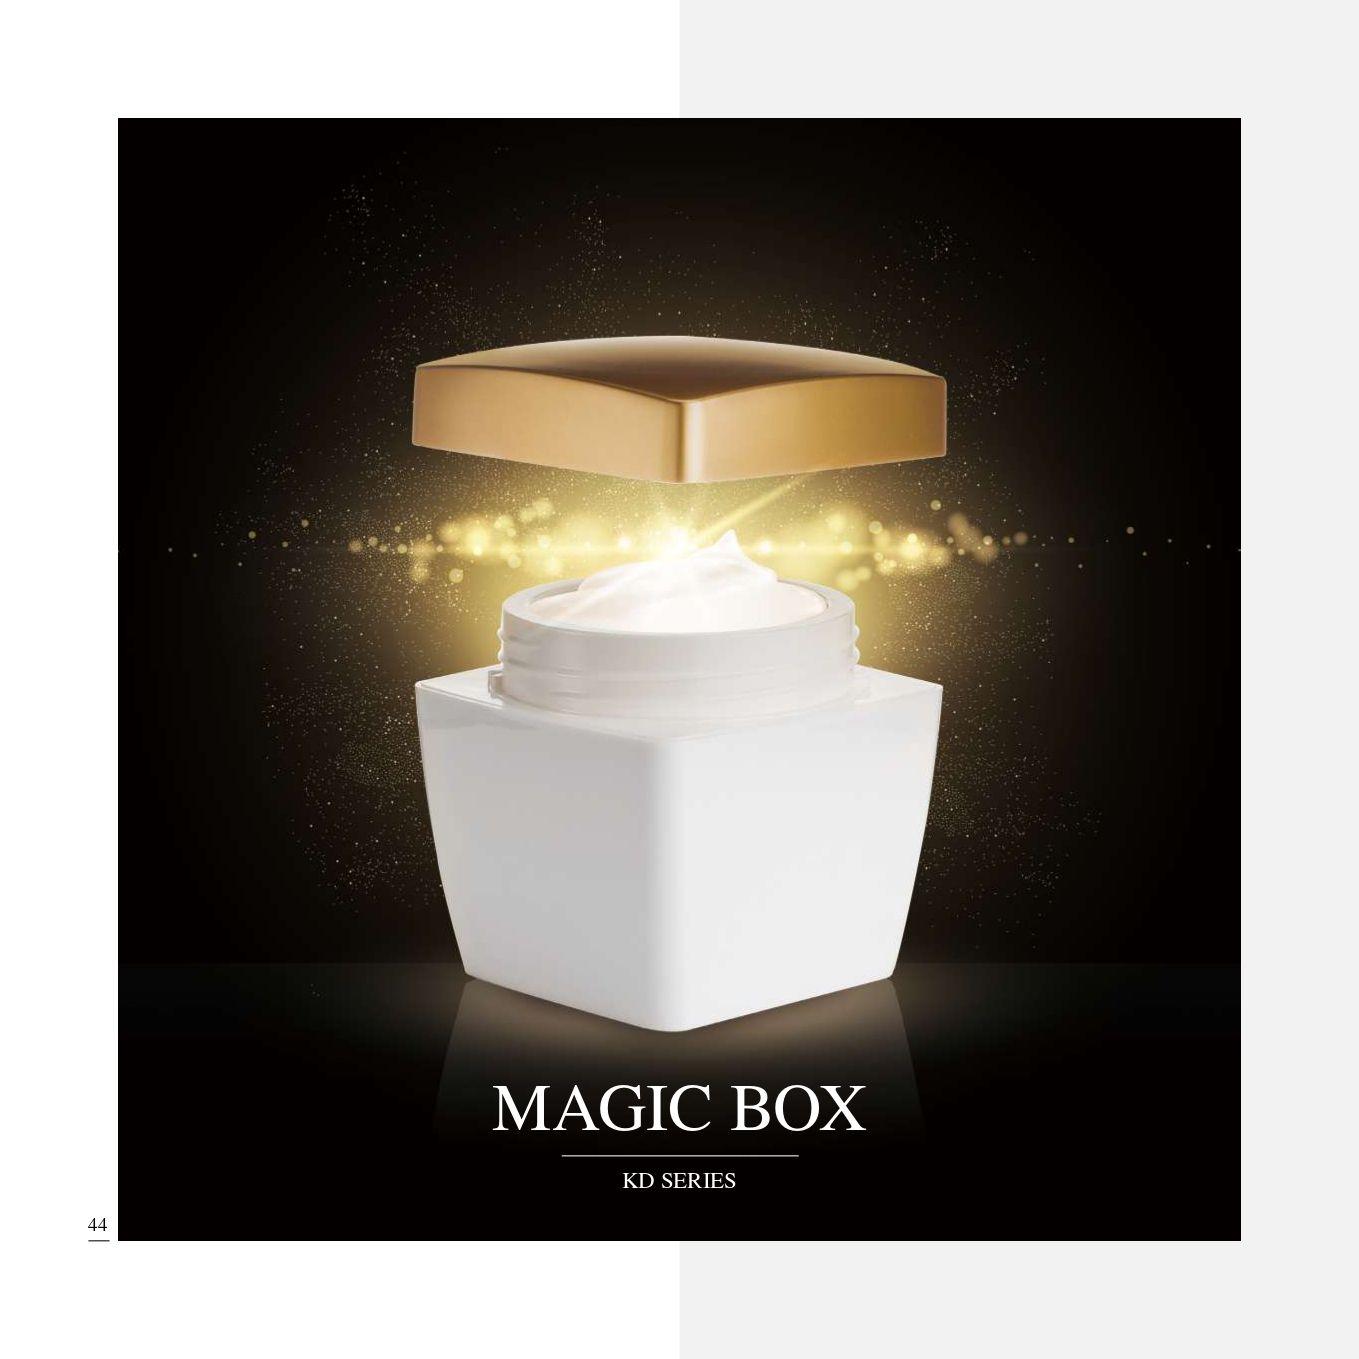 cuadrado Forma Acrílico Lujo Cosmético y Cuidado de la Piel Envase - Serie Caja Mágica - Cosmético Acrílico de Lujo Envase Colección - Magic Box